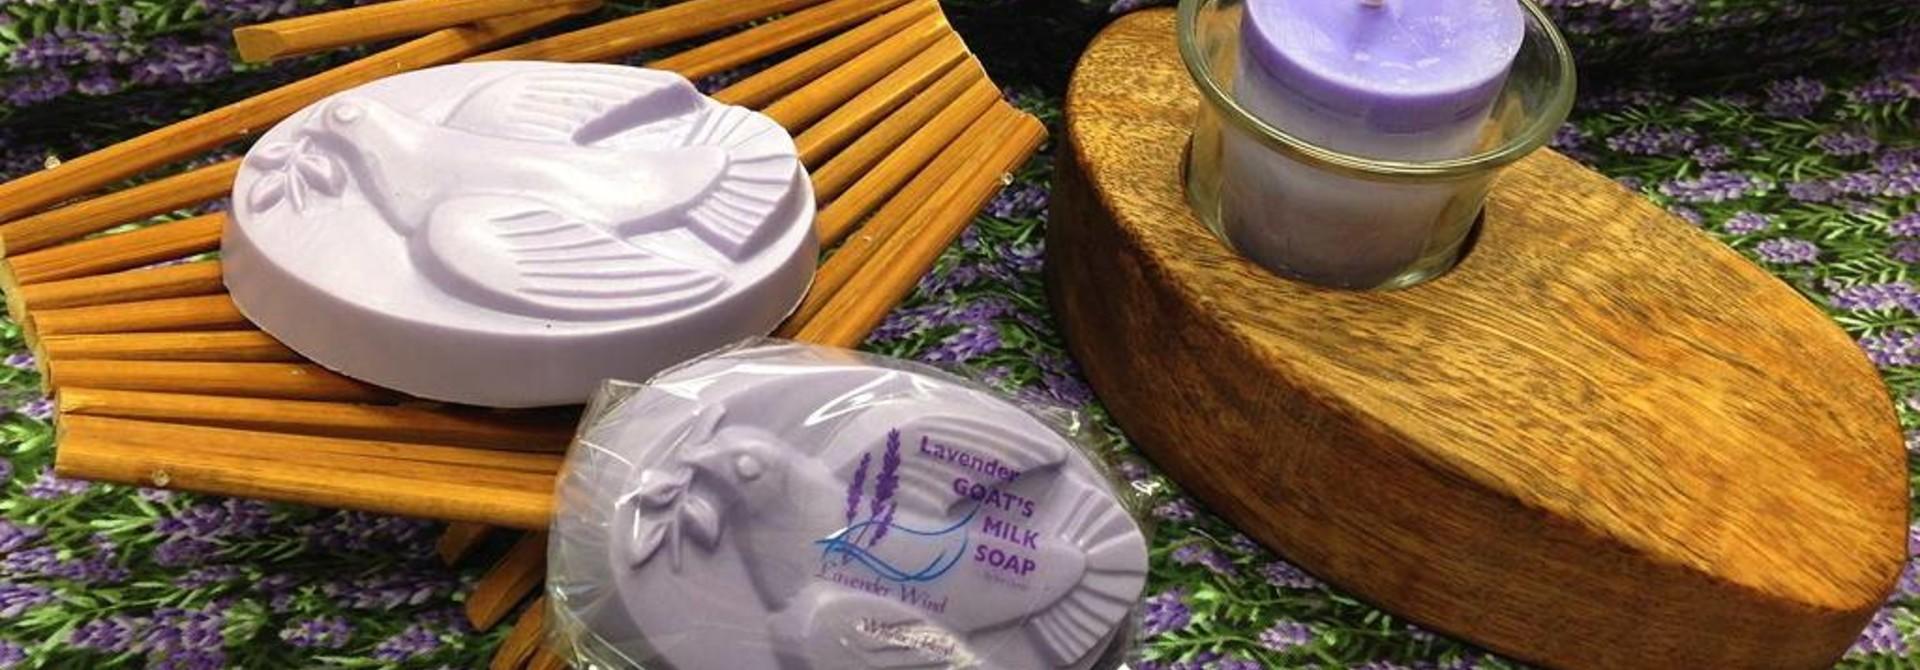 Goat's Milk Soap Dove Lavender